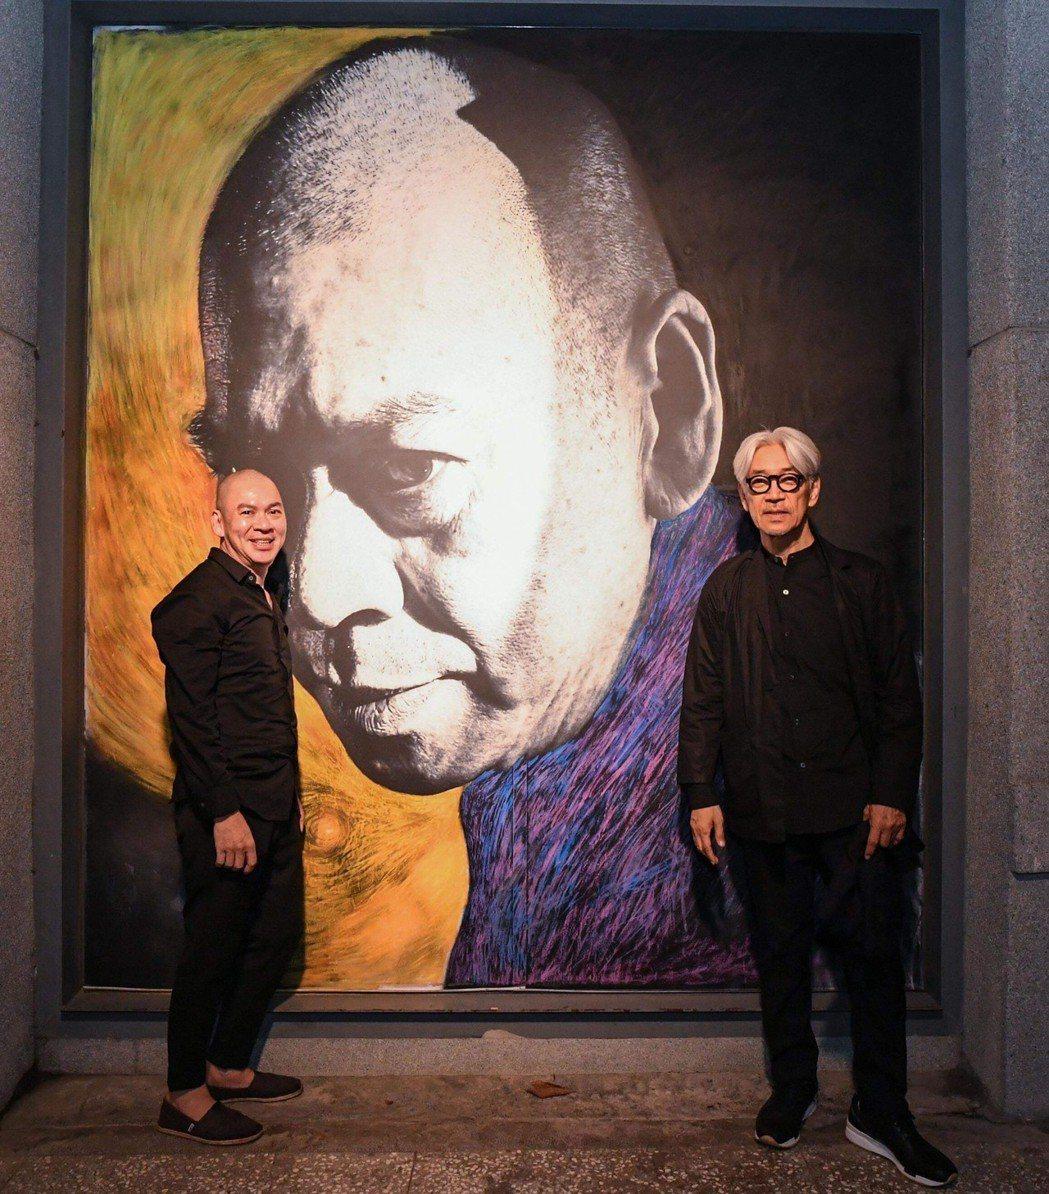 蔡明亮、坂本在展覽前合影。圖/明室影像提供